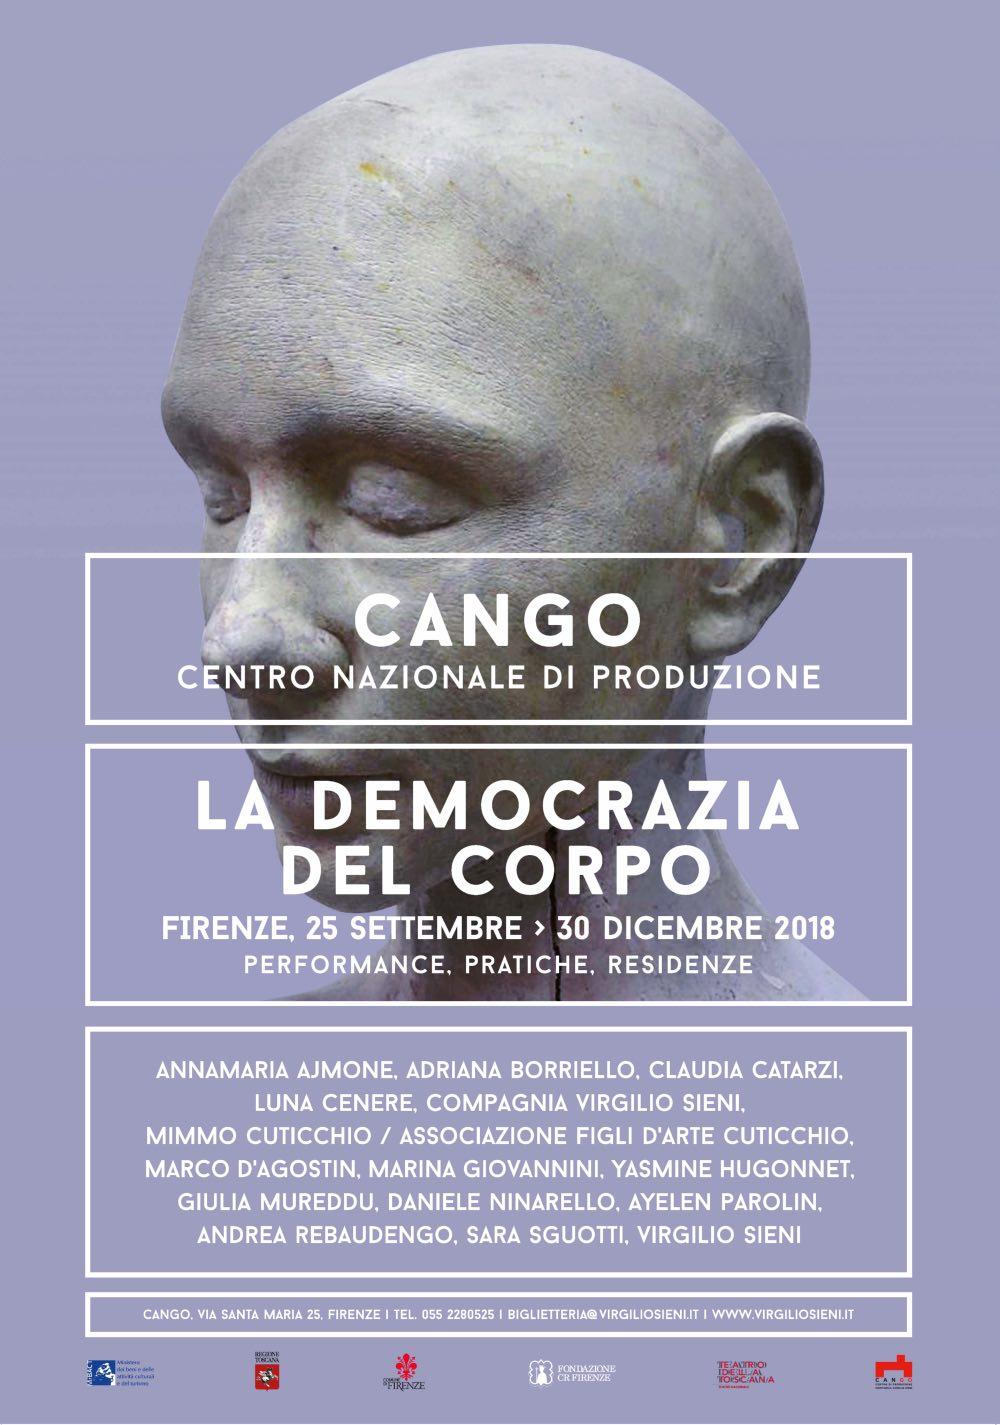 cango_La-Democrazia-del-corpo_2018-70x100_STAMPA copia